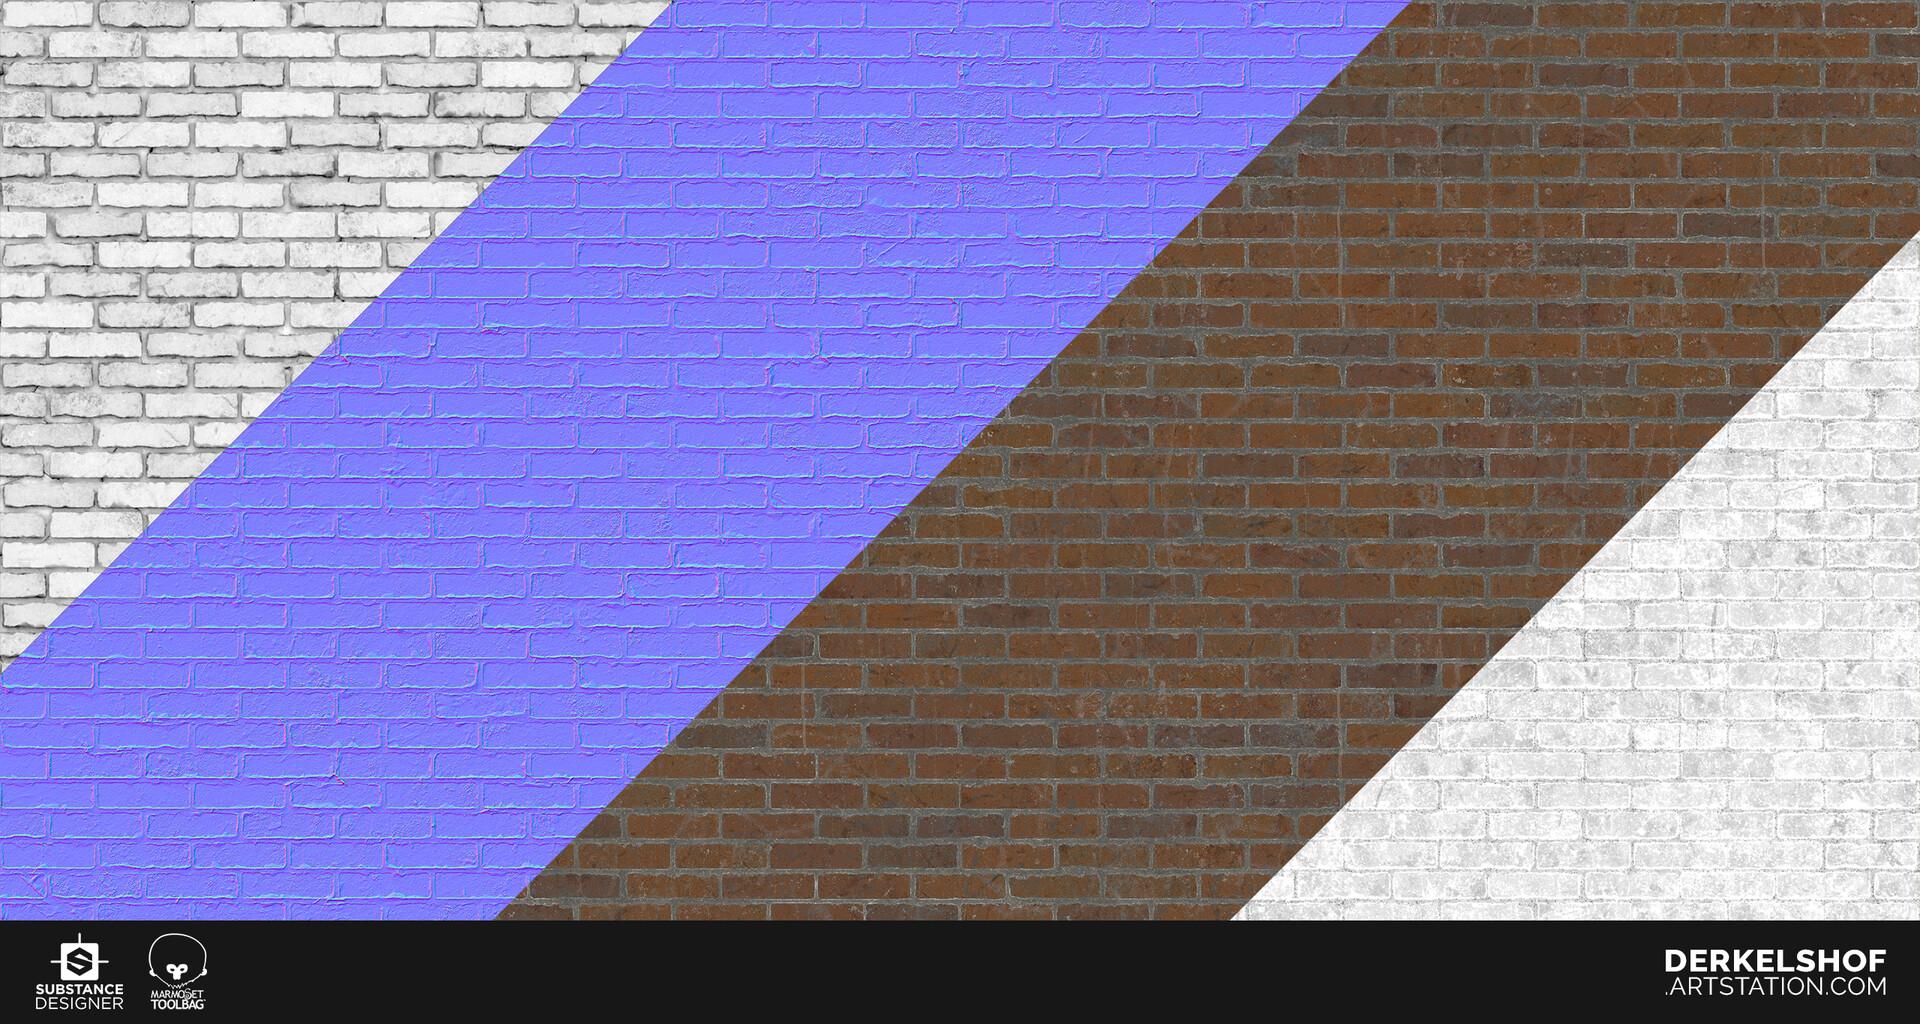 Derk elshof bricks 2